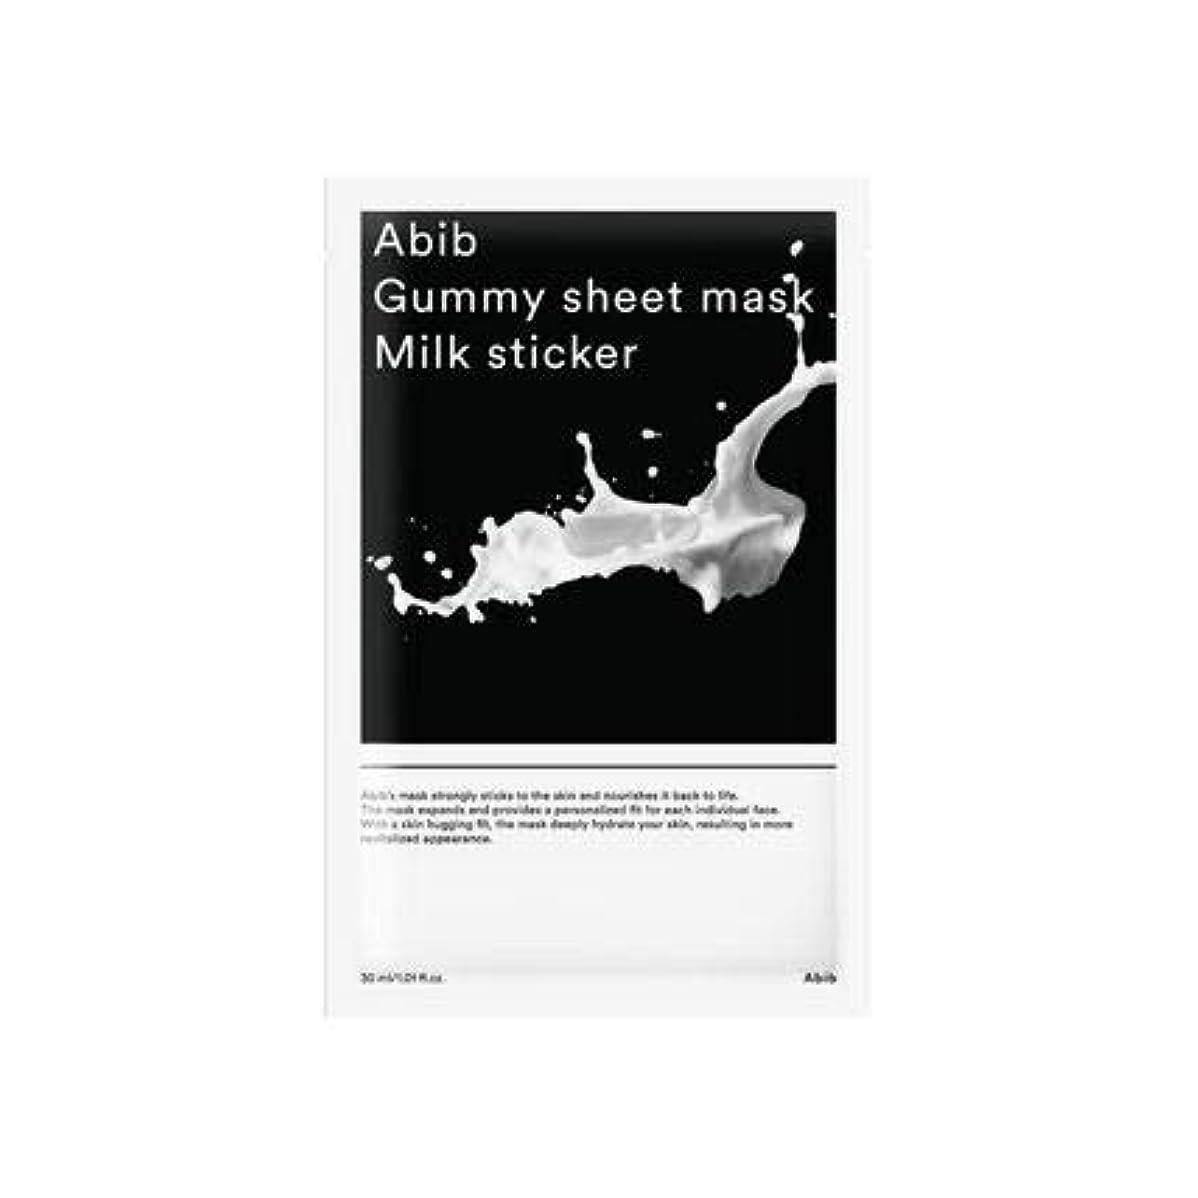 フラスコ下手地元[Abib] アイブガムのくるみシートマスクミルクステッカー 30mlx10枚 / ABIB GUMMY SHEET MASK MILK STICKER 30mlx10EA [並行輸入品]